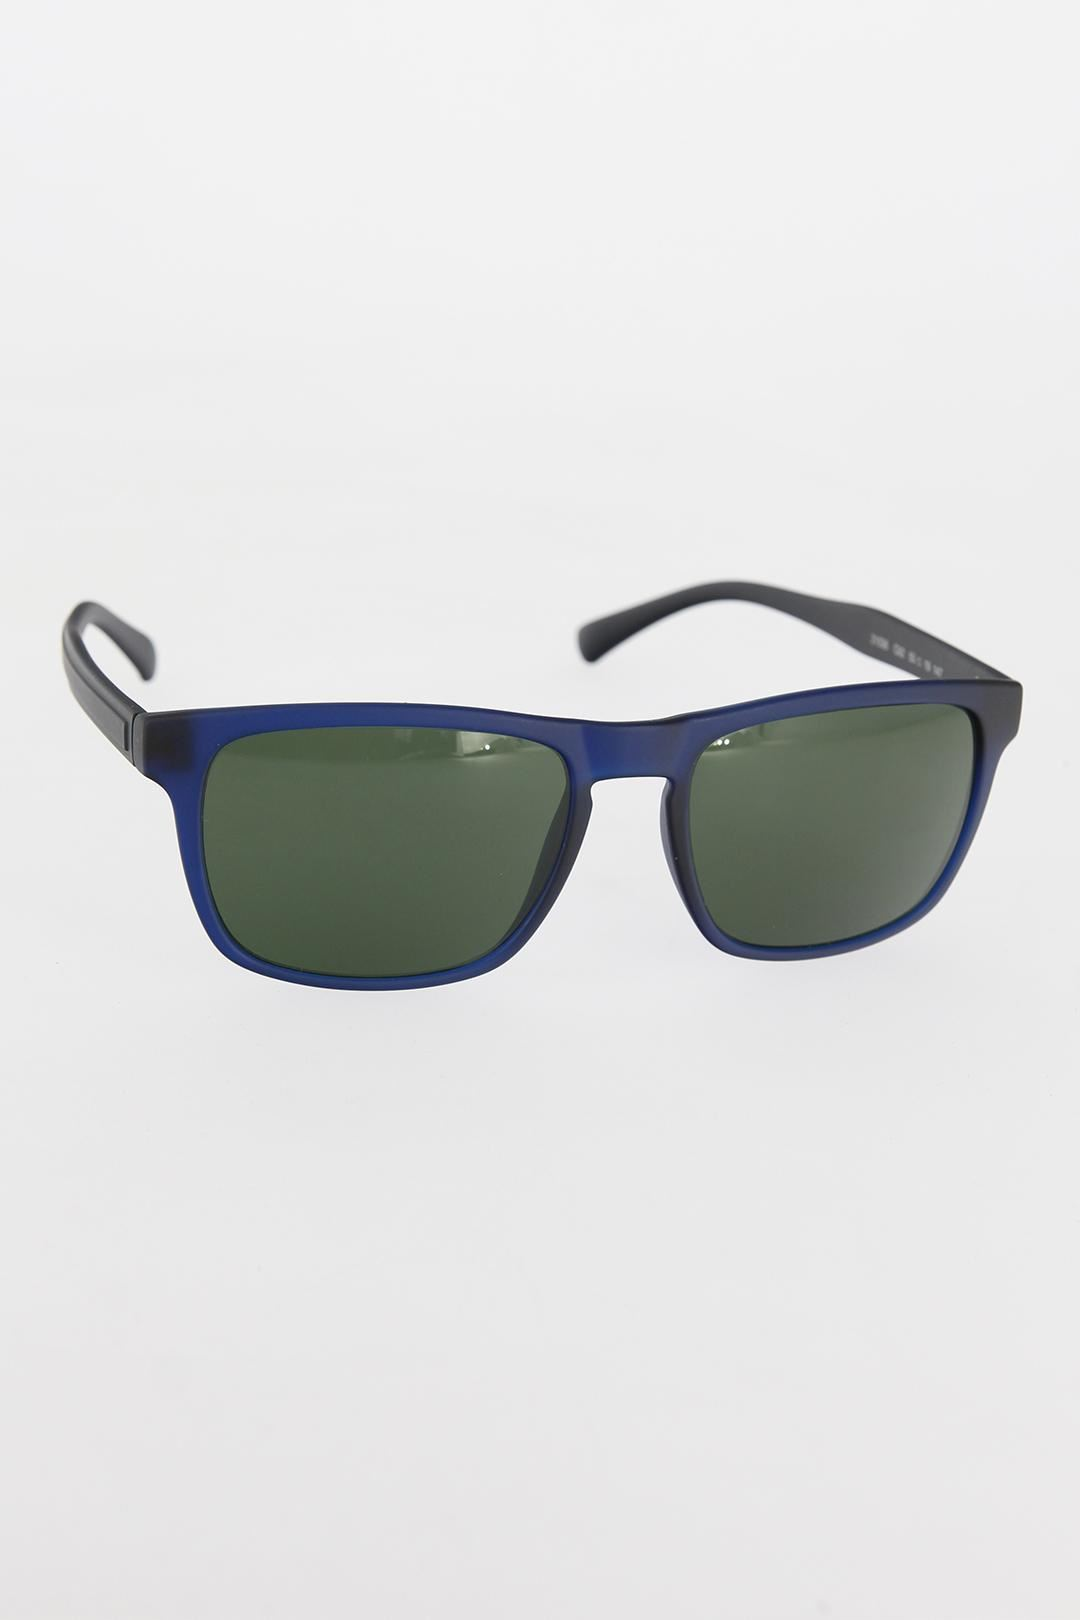 Lacivert Çerçeveli Yeşil Camlı Erkek Güneş Gözlüğü